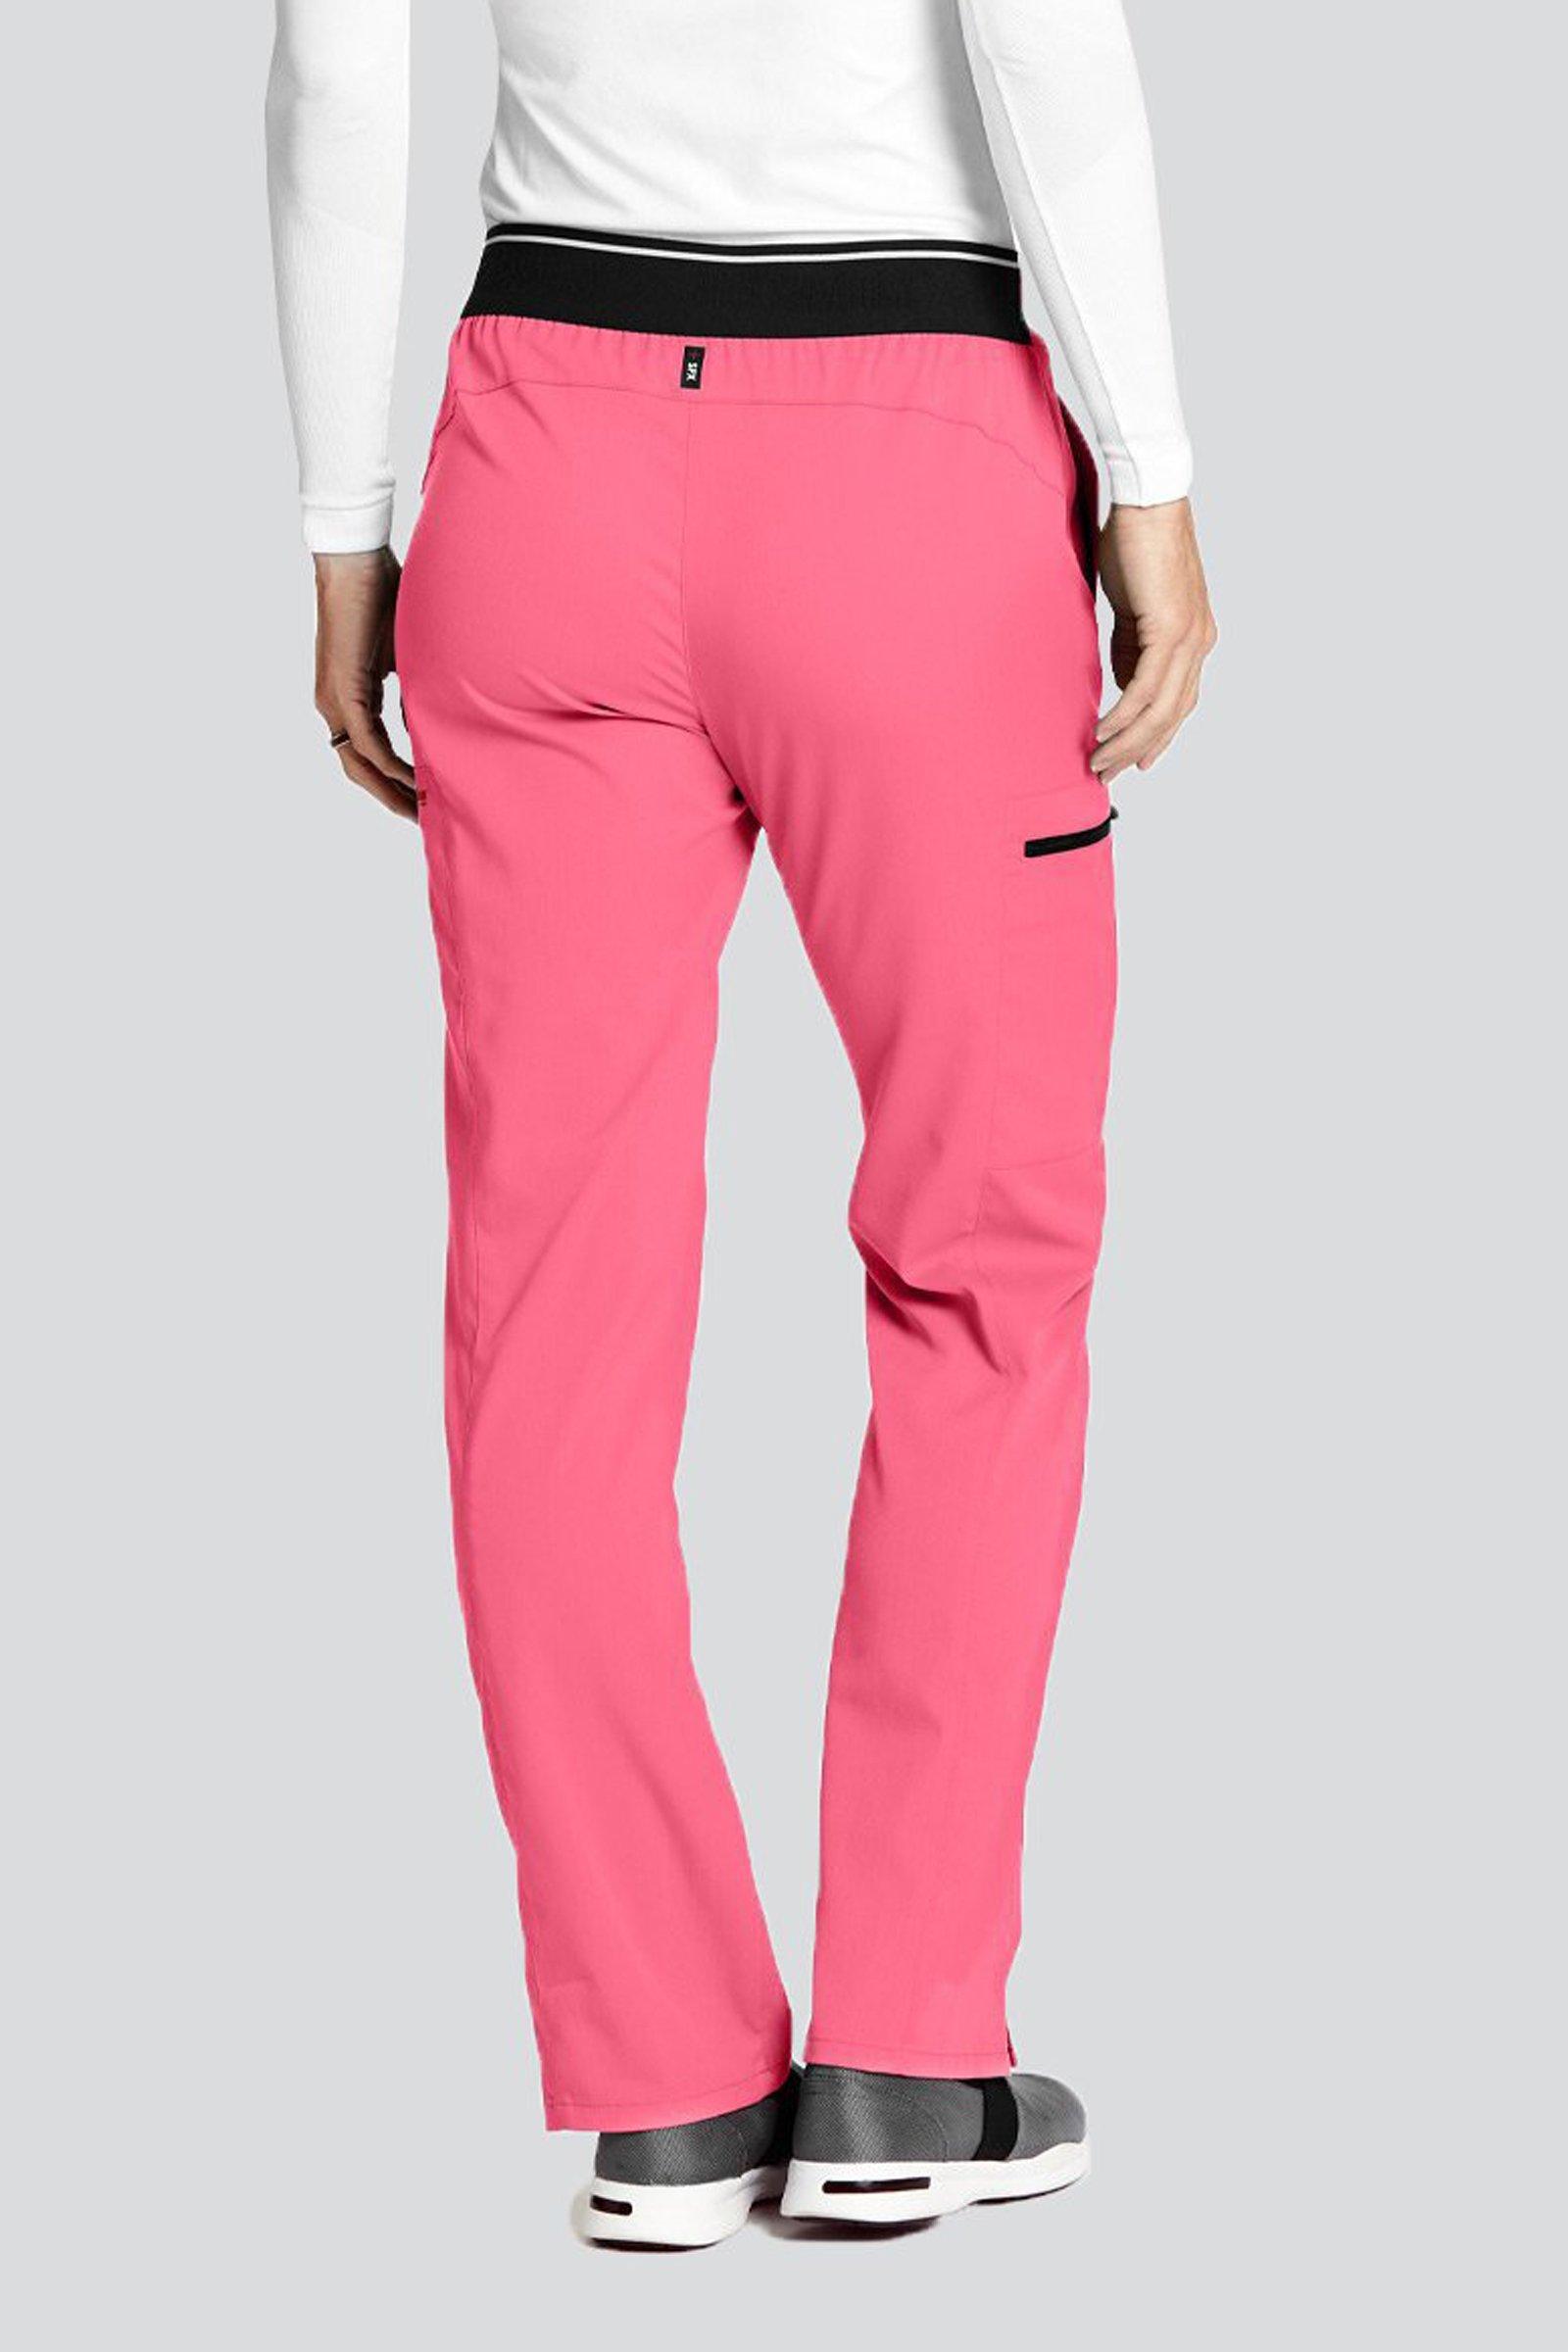 dbd7fdbe Spodnie medyczne damskie Barco Grey's Anatomy Stretch GRSP500 Pink Pop